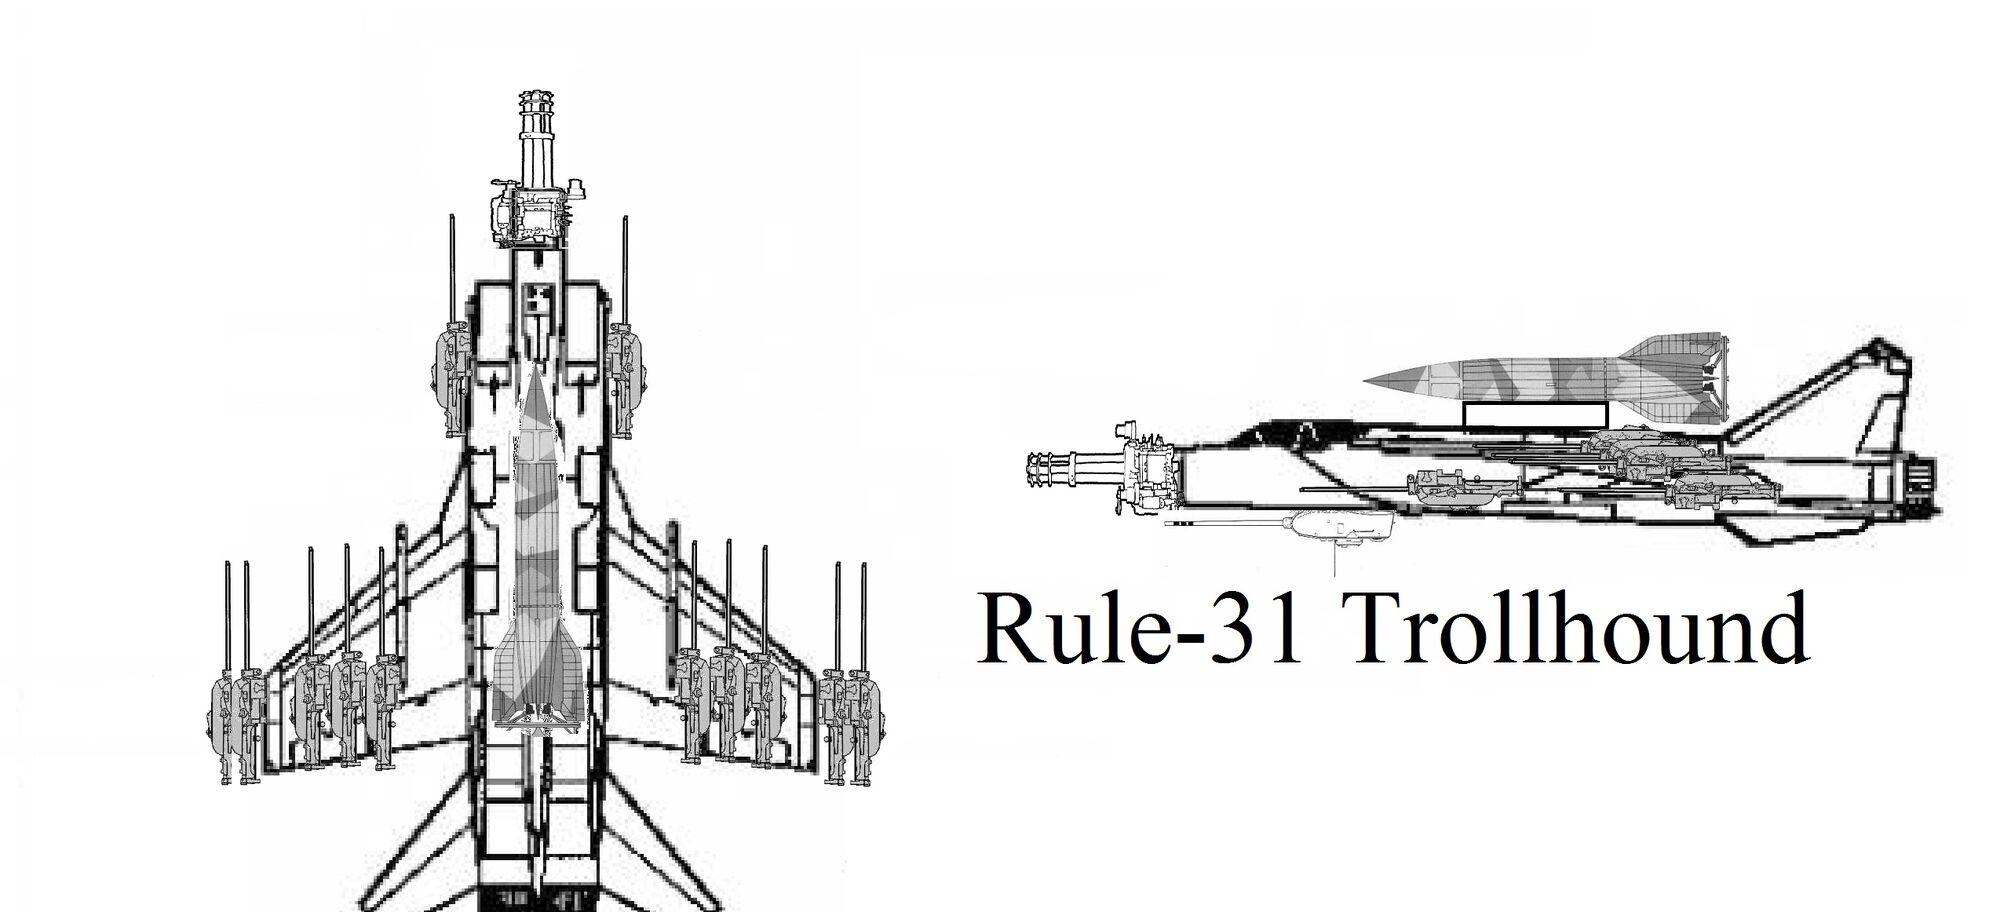 rule 31 trollhound ace combat fanon wiki fandom powered by wikia